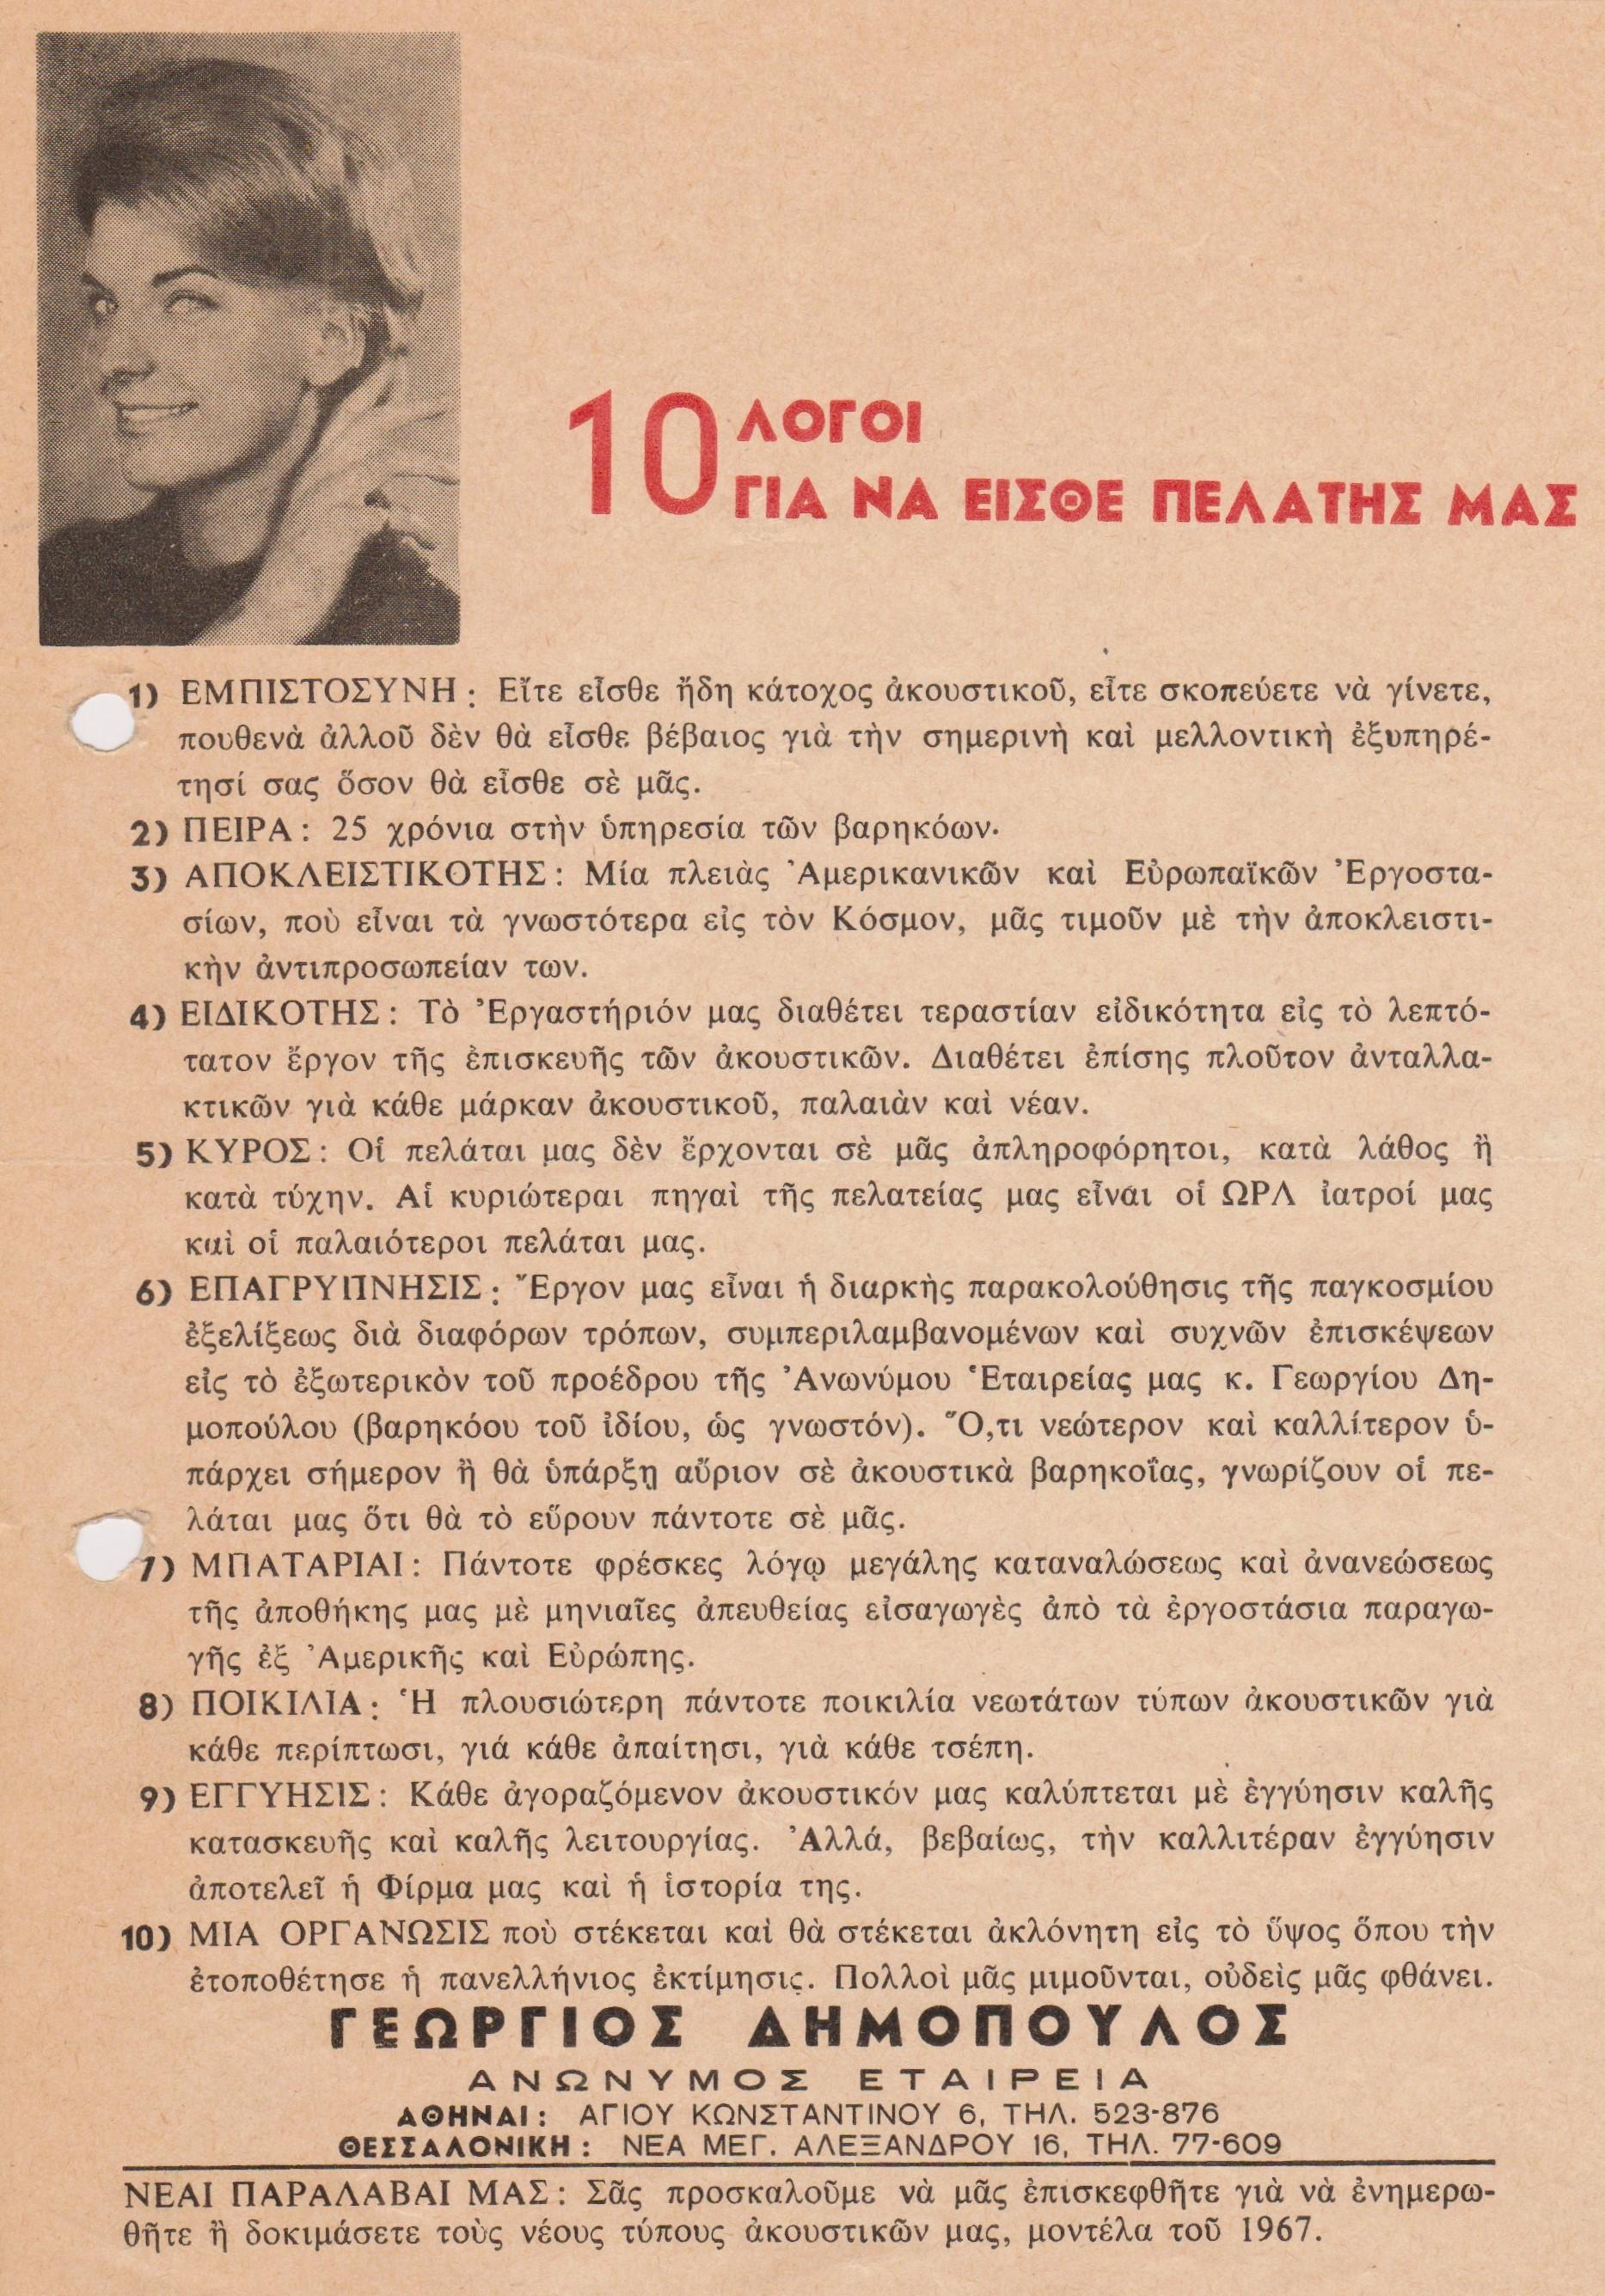 10 λόγοι 1967